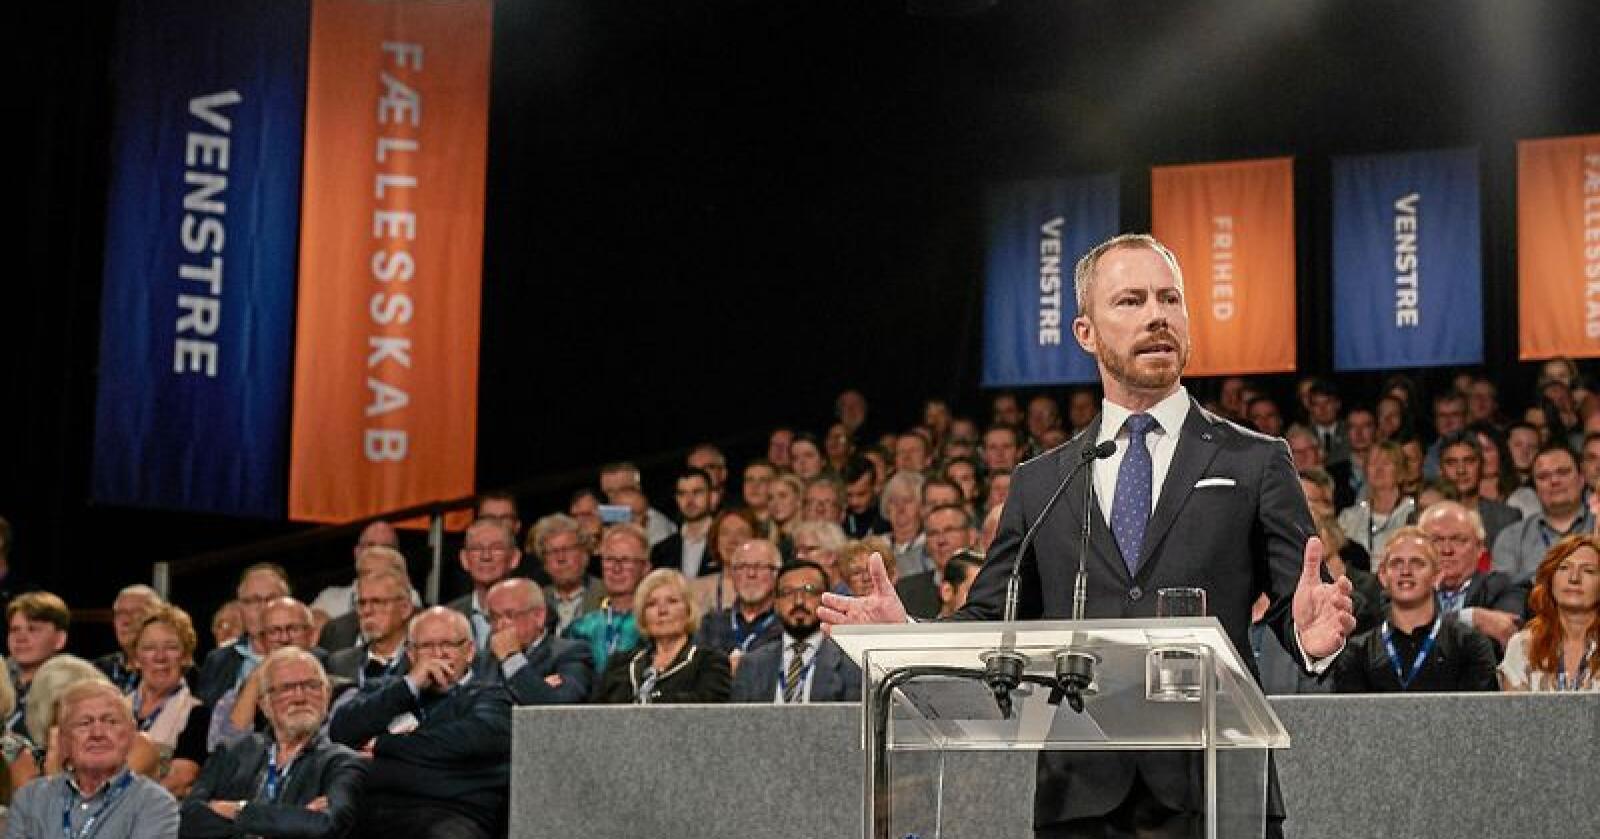 Jakob Ellemann-Jensen er valgt som ny leder av Danmarks største opposisjonsparti, Venstre. Foto: Henrik Bjerregrav / Venstre